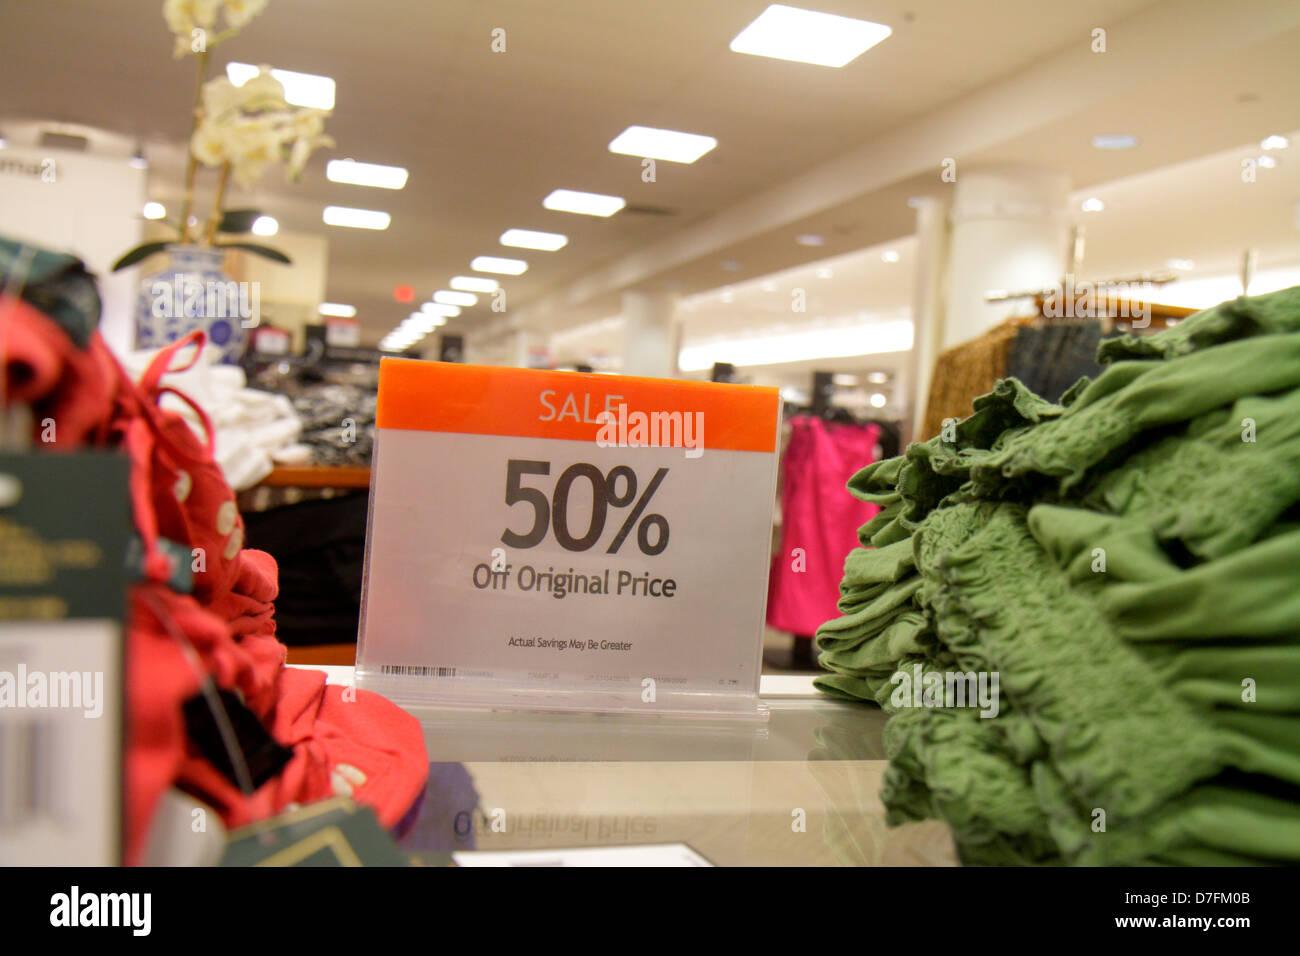 3ea61db56 Florida Miami Dadeland Mall Shopping para la venta de los grandes almacenes  Macy s interior ropa de